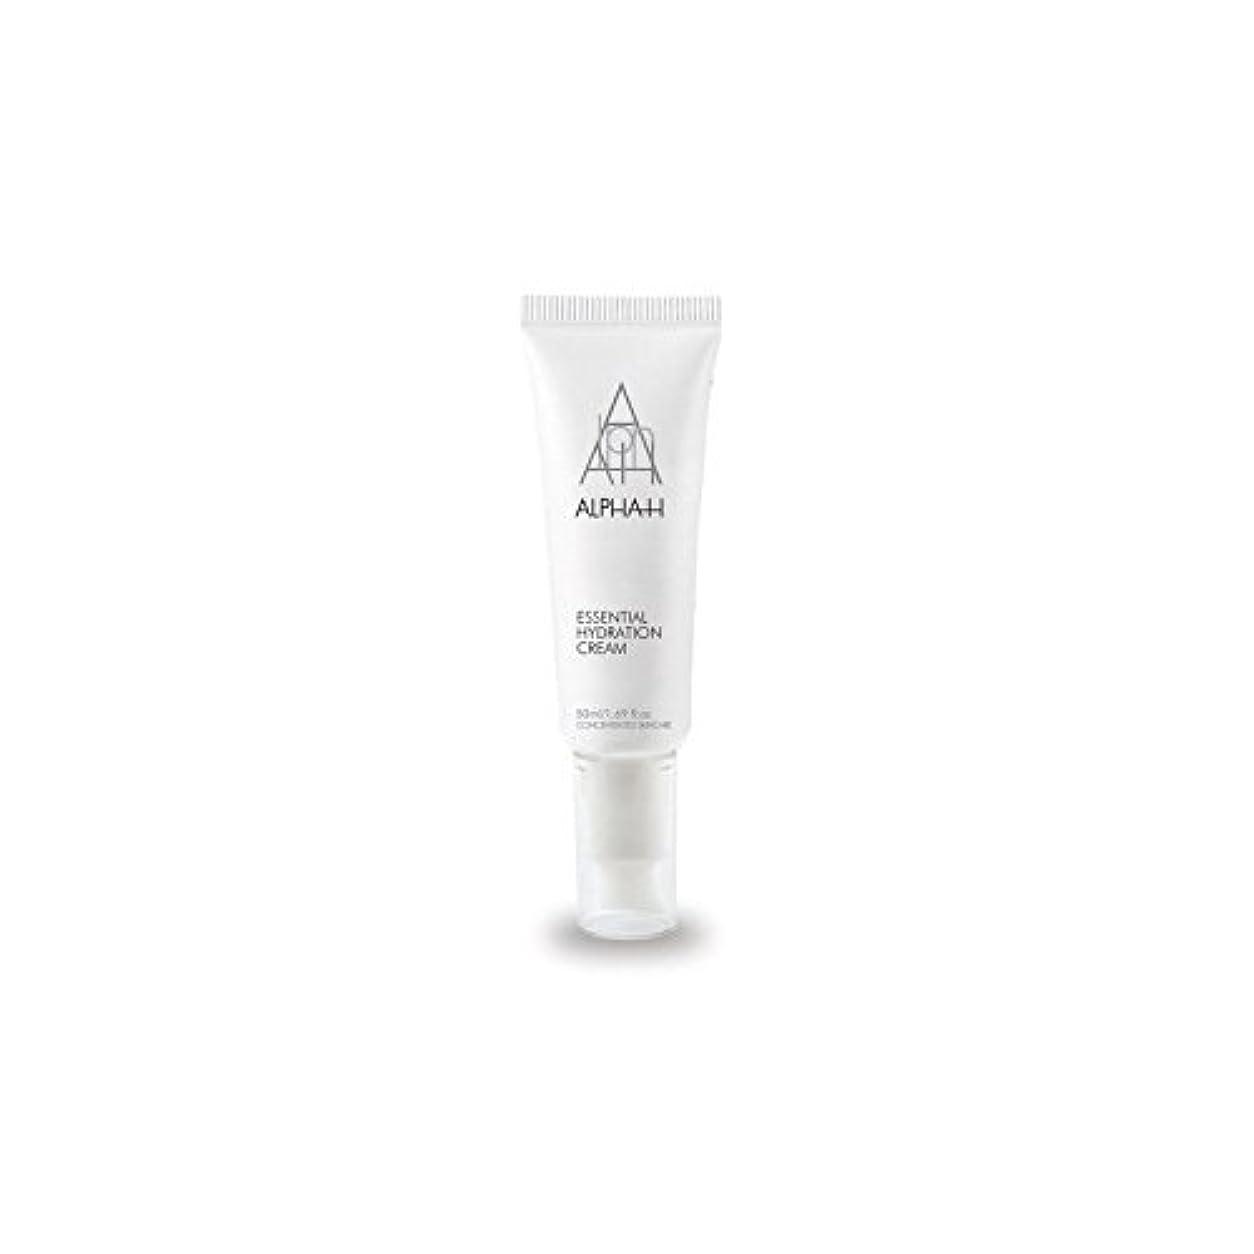 奇跡的なちらつきナースアルファ必須水和クリーム(50)中 x2 - Alpha-H Essential Hydration Cream (50ml) (Pack of 2) [並行輸入品]